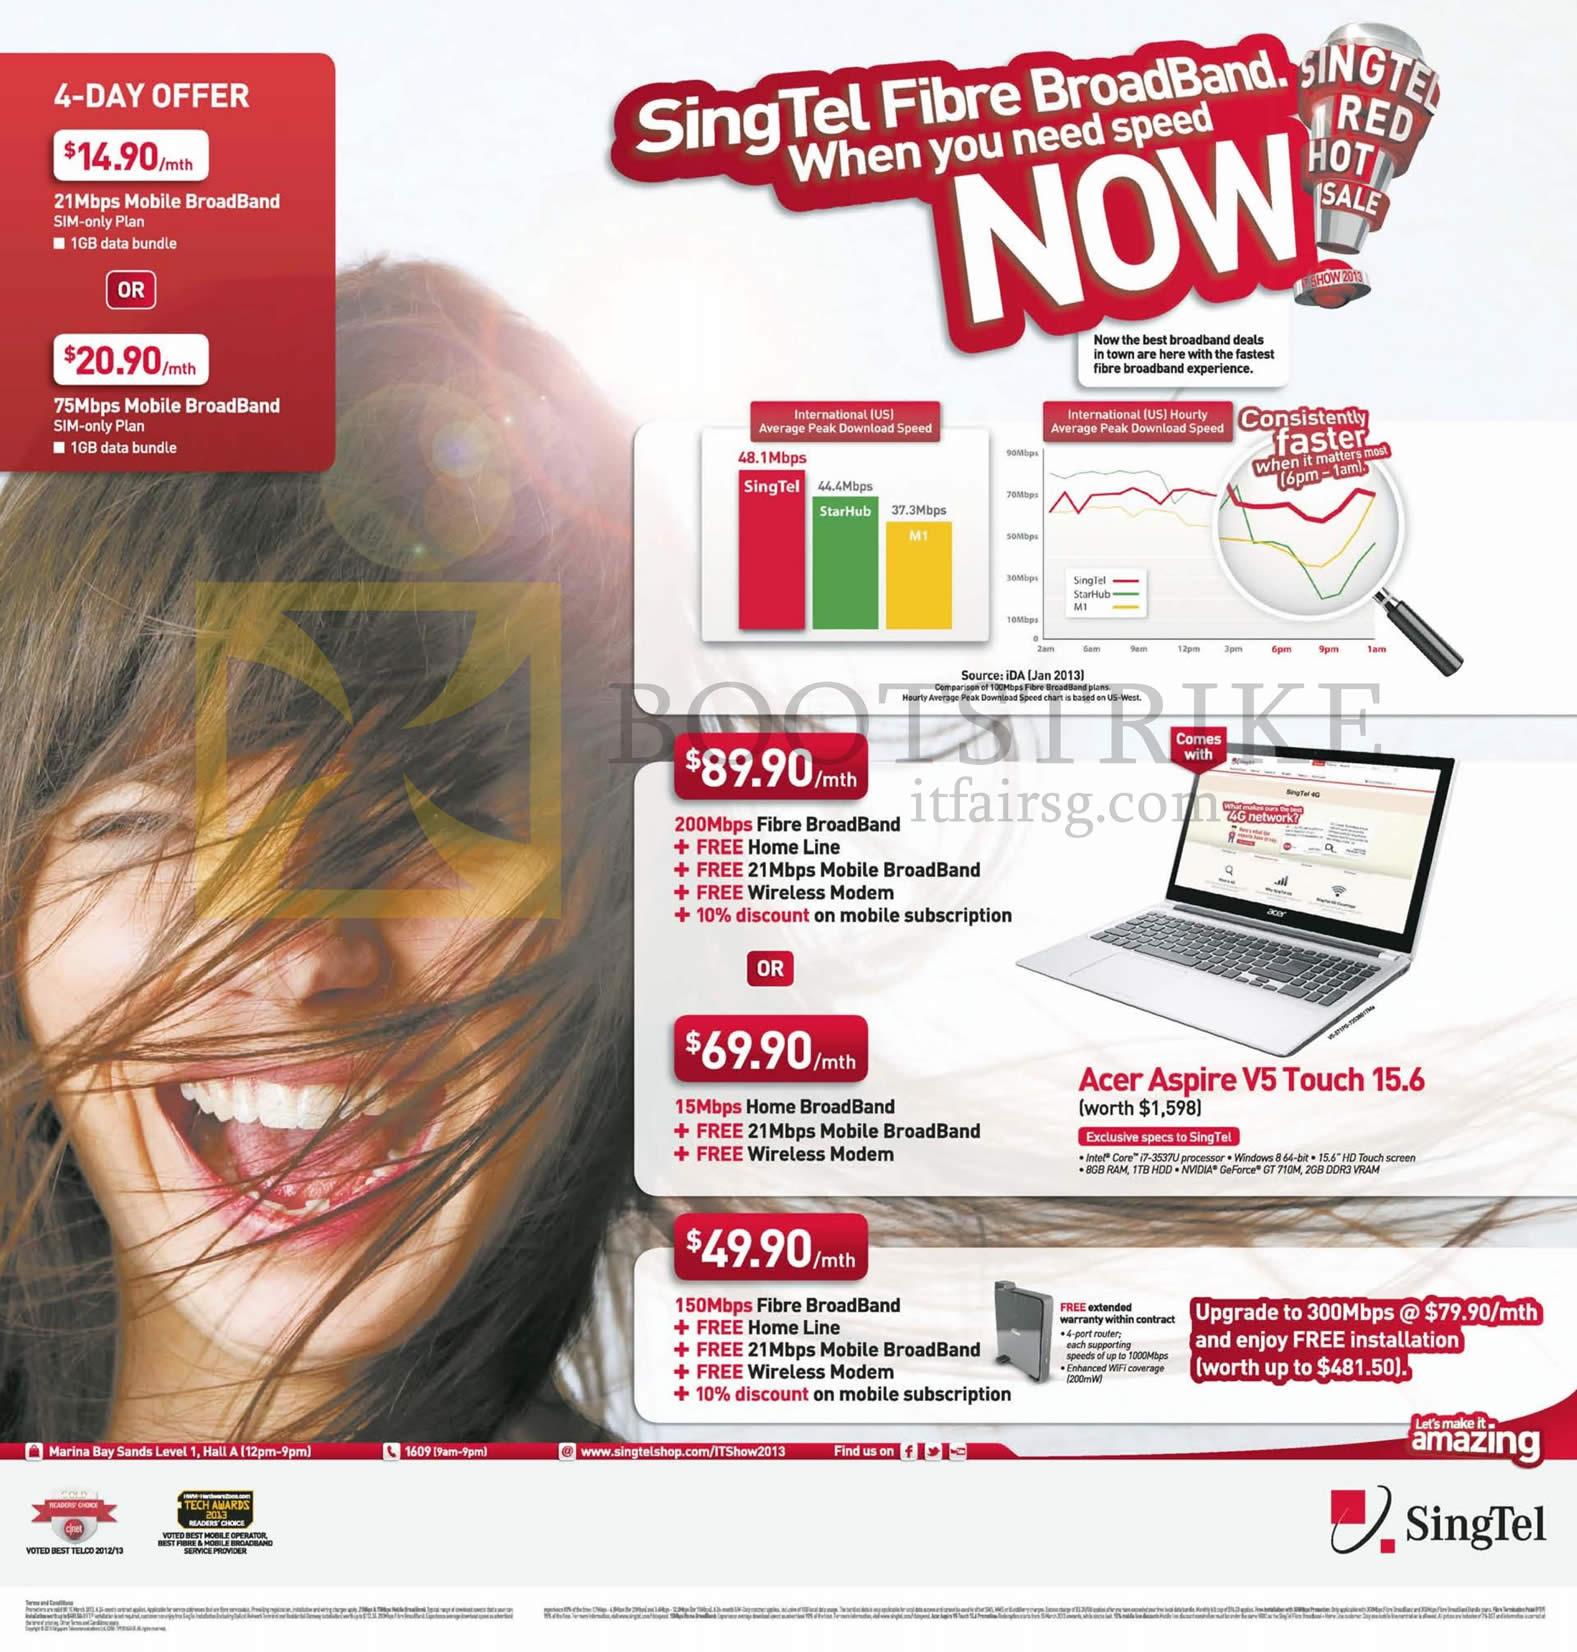 IT SHOW 2013 price list image brochure of Singtel Broadband Mobile 21Mbps, 75Mbps, Fibre 200Mbps ADSL 15Mbps Free Acer Aspire V5 Touch 15.6 Notebook, 150Mbps, 300Mbps